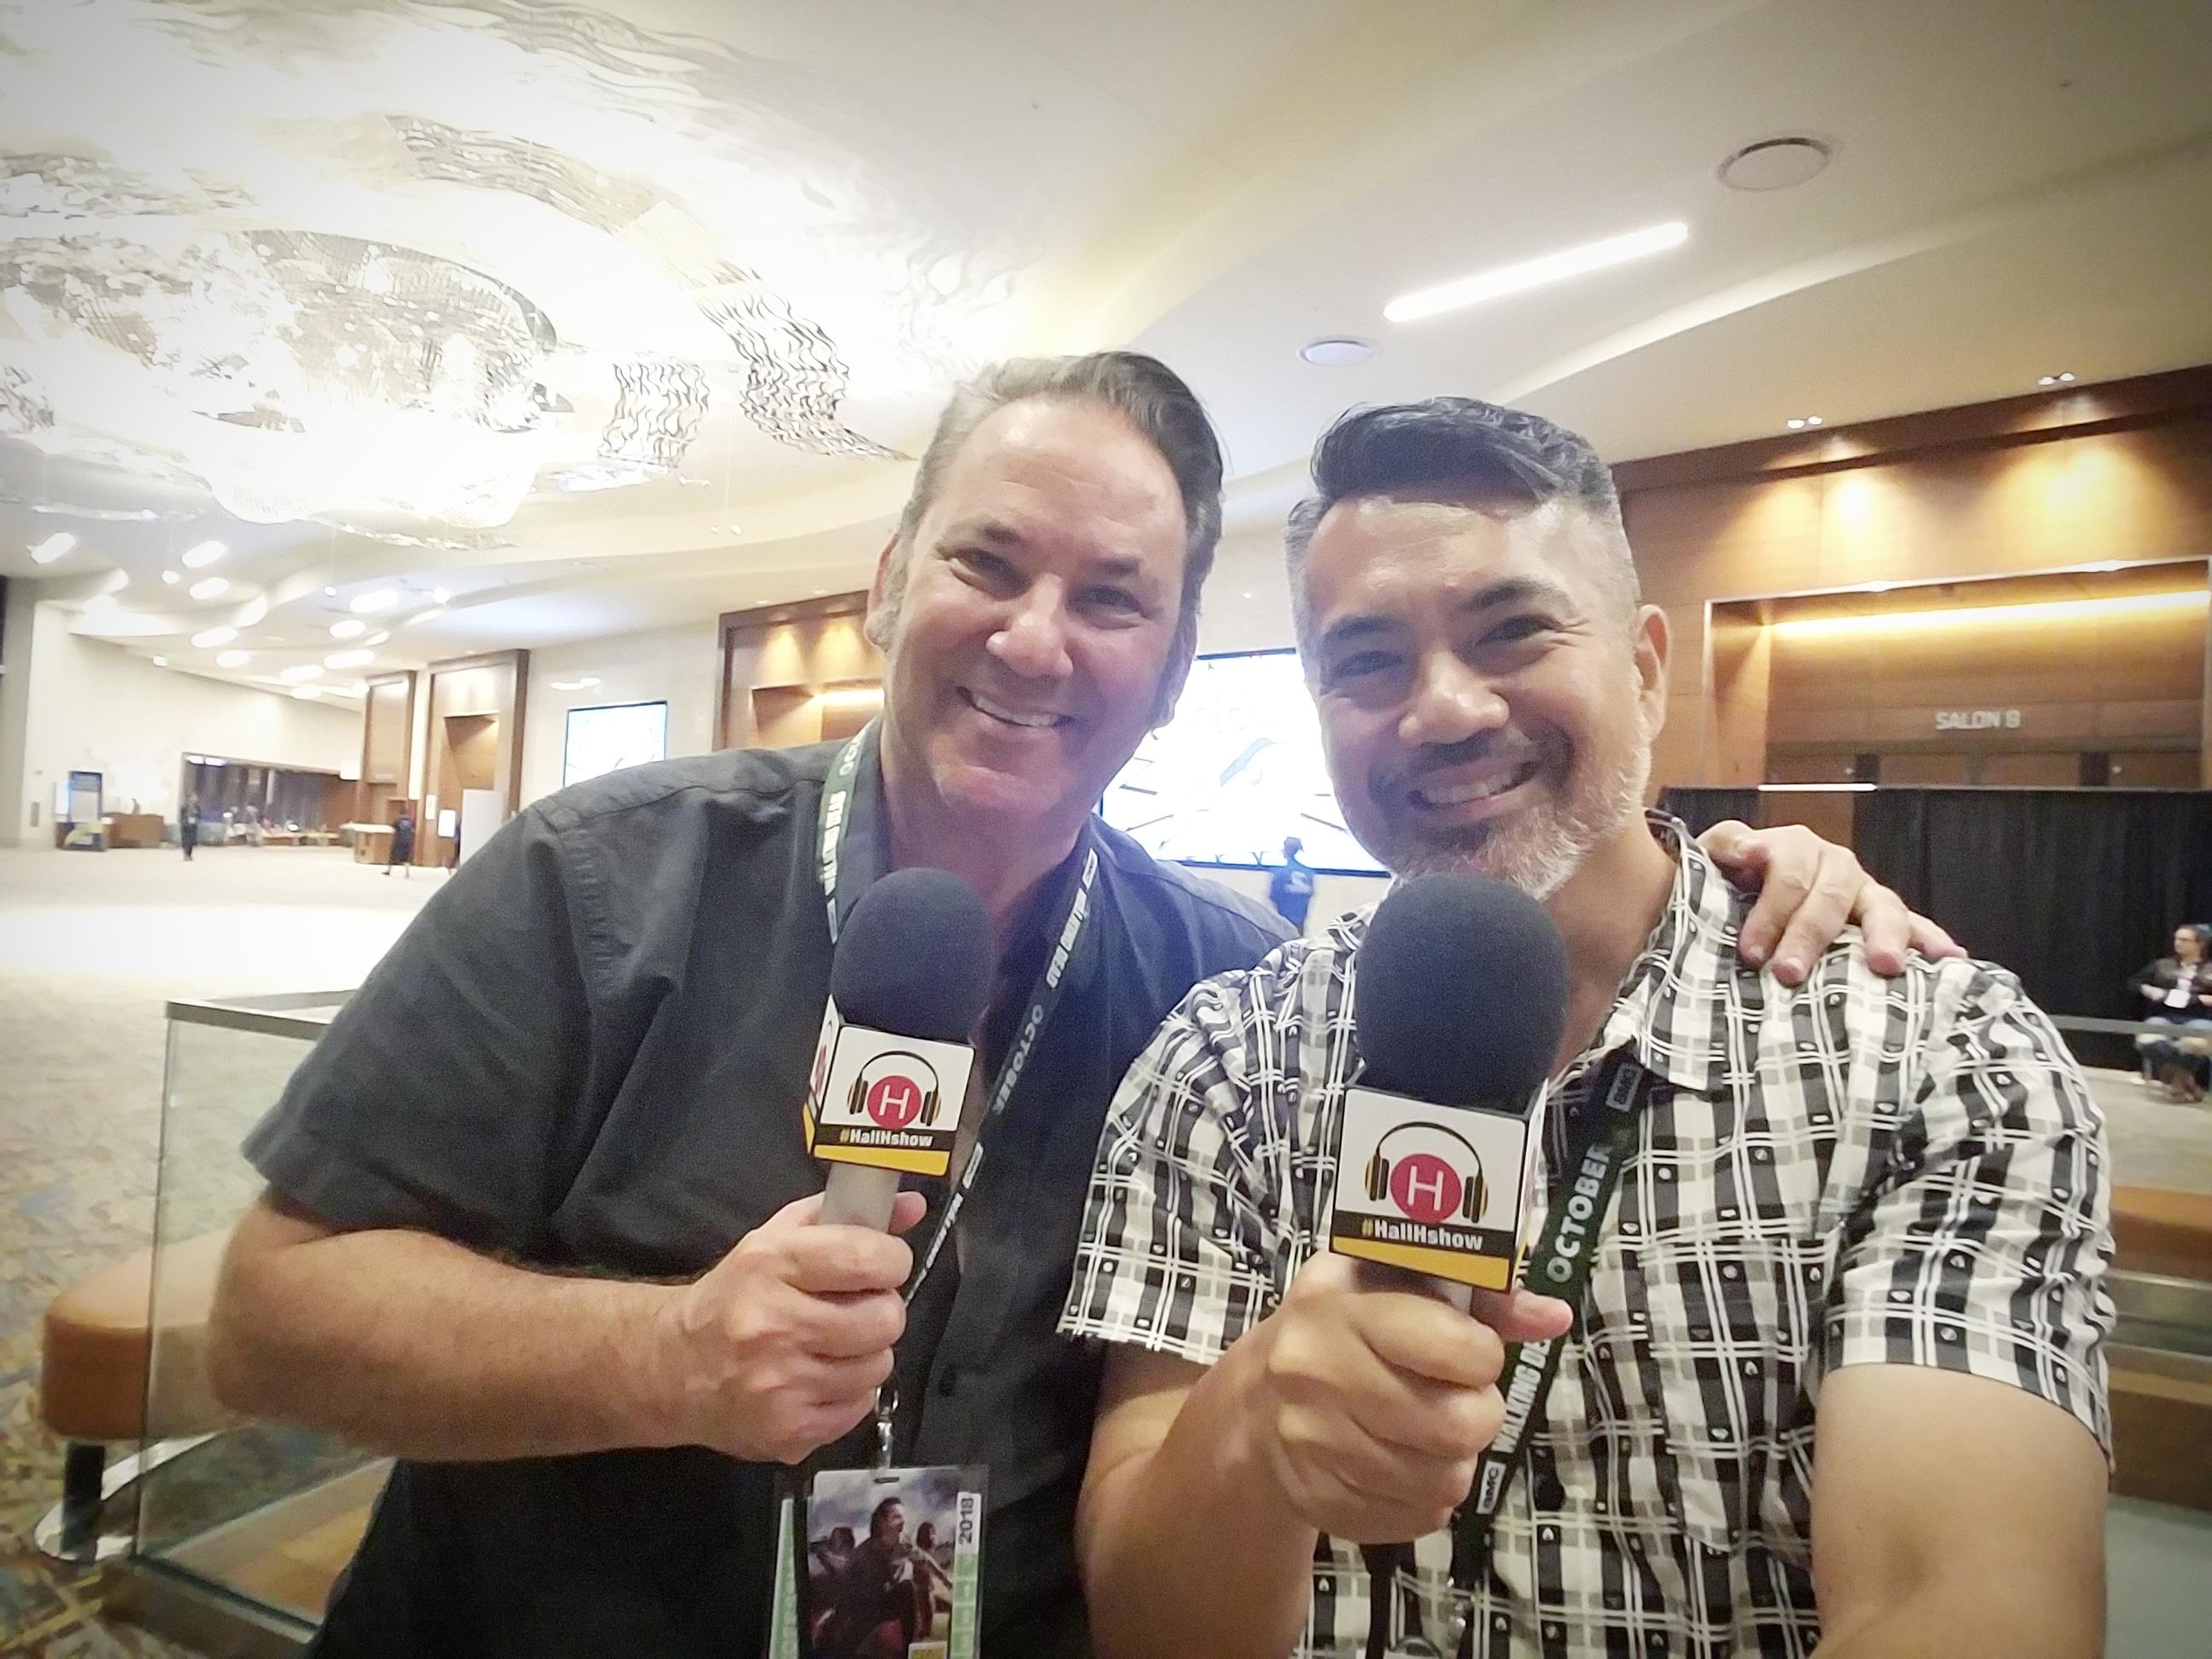 Hall H Show - Arlen Schumer - San Diego Comic Con 2018